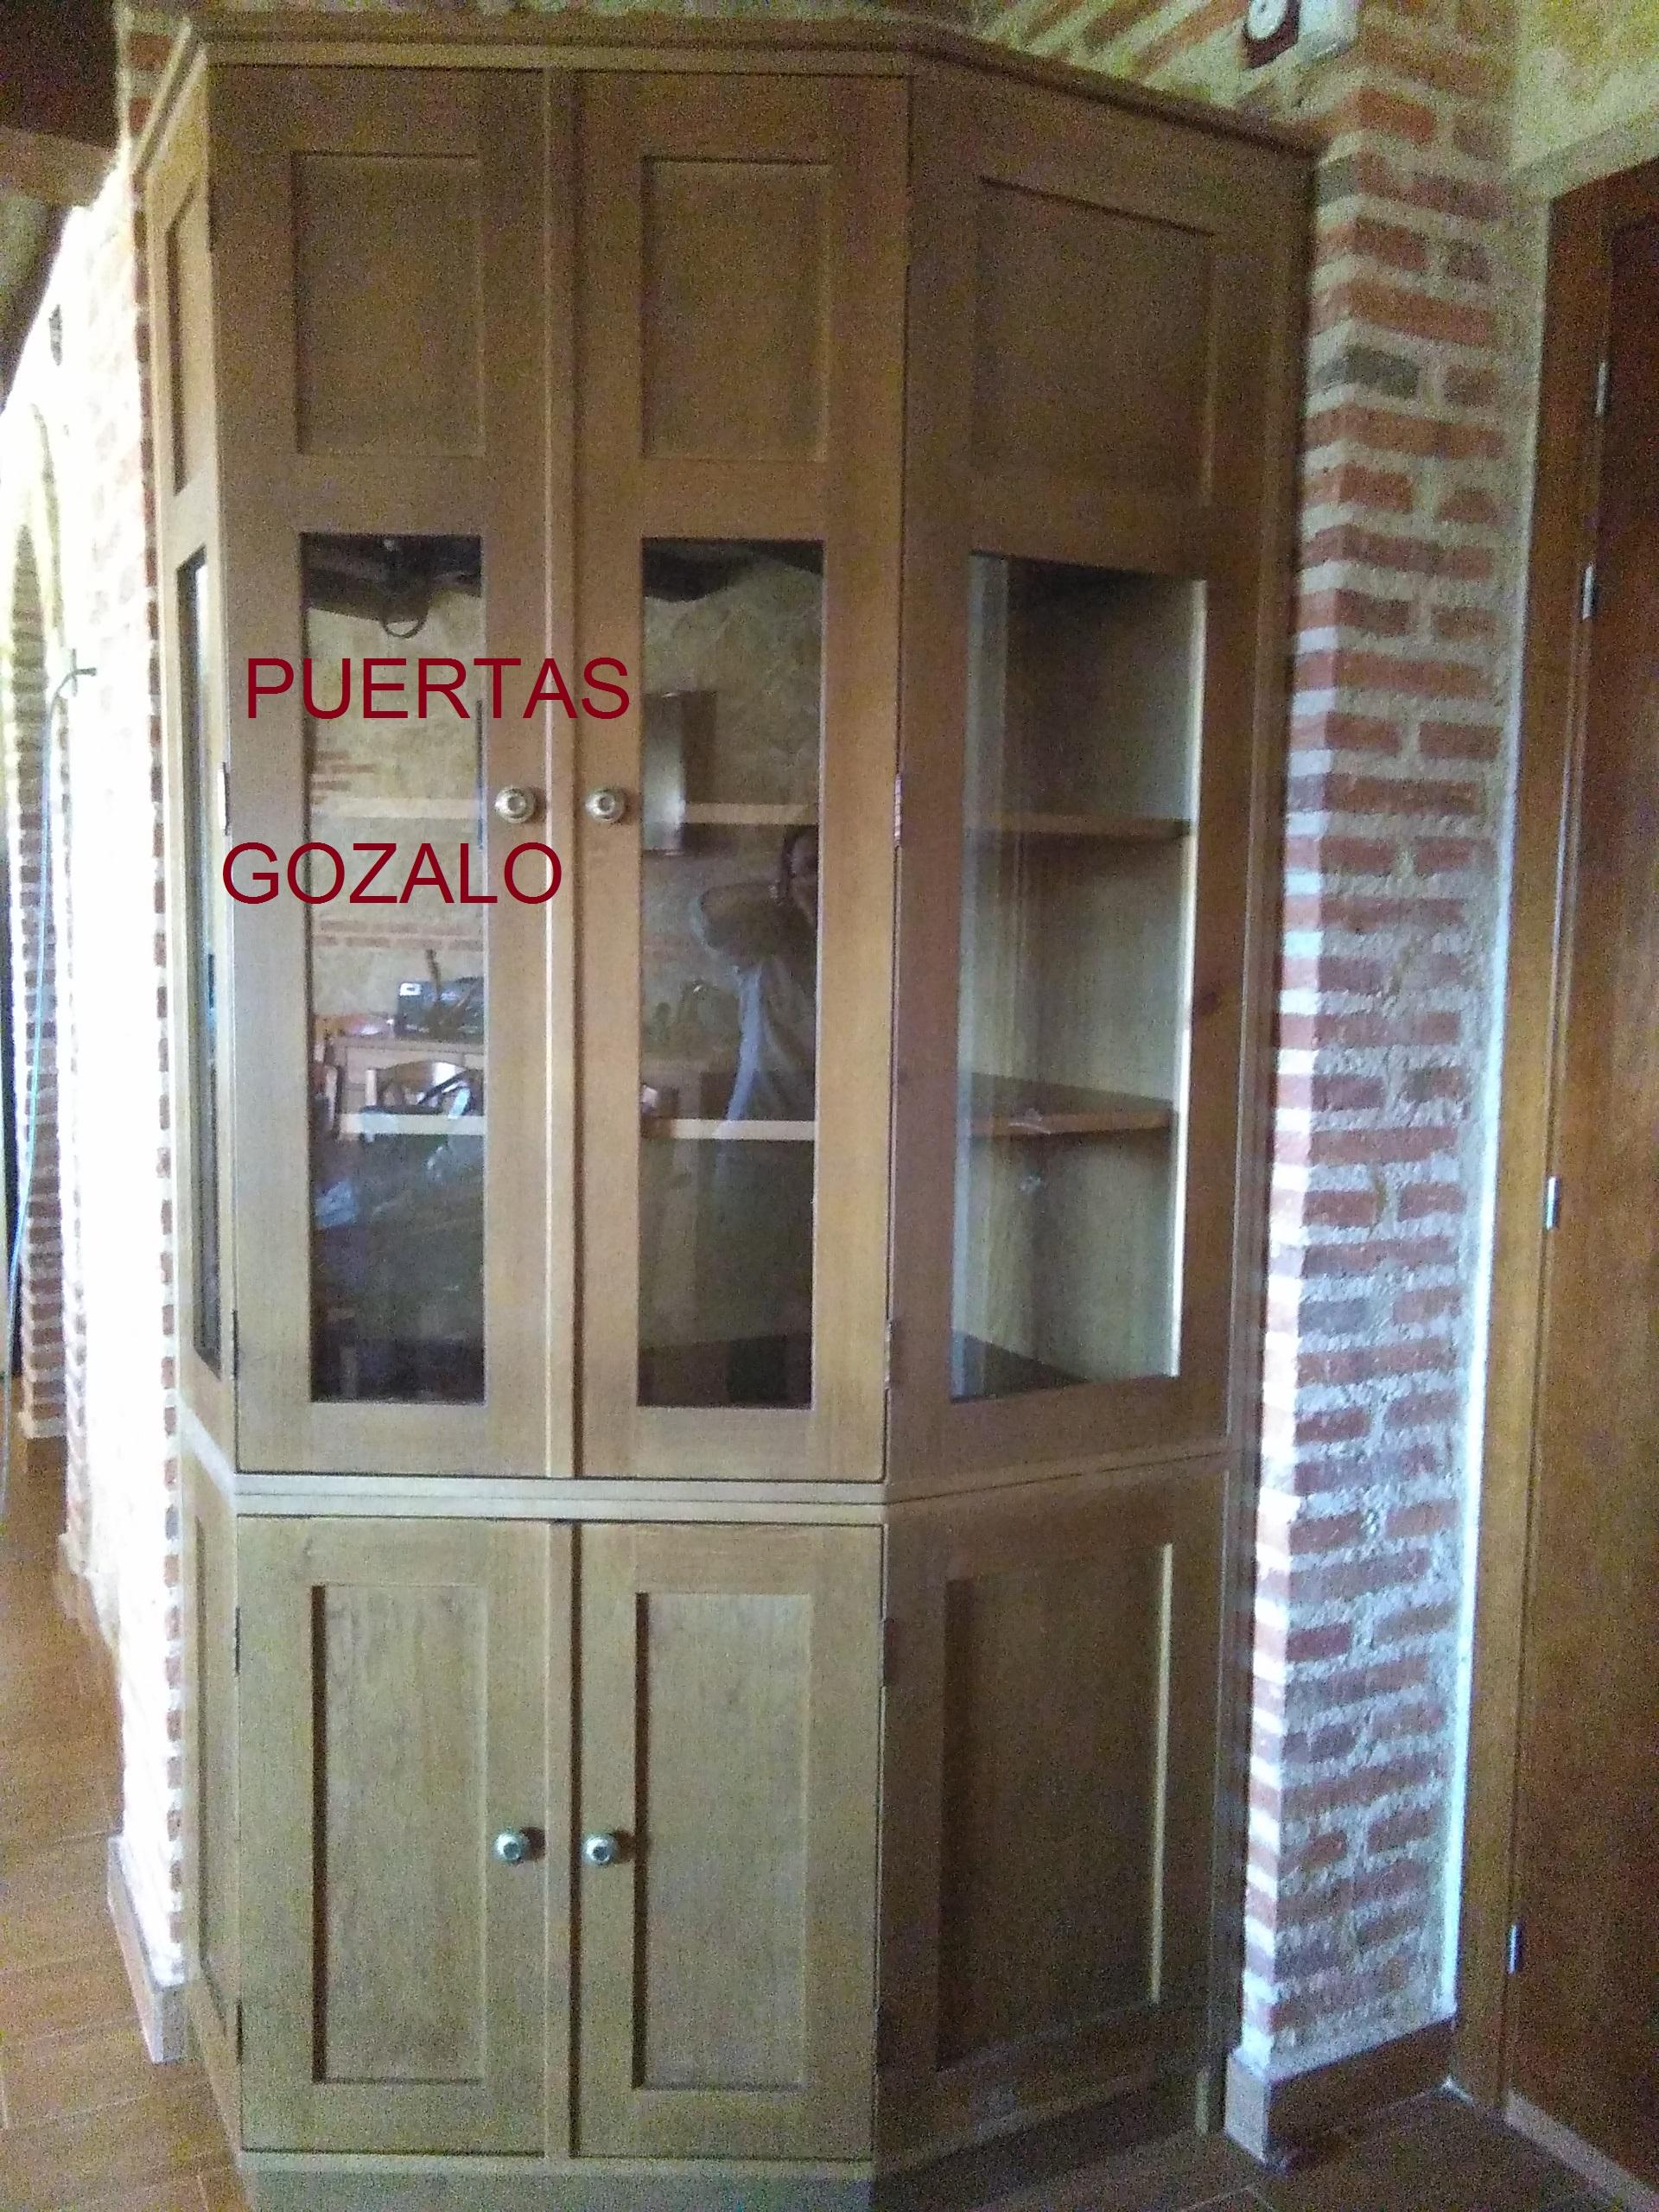 Mobiliario y Decoración Rústica. » Puertas Gozalo